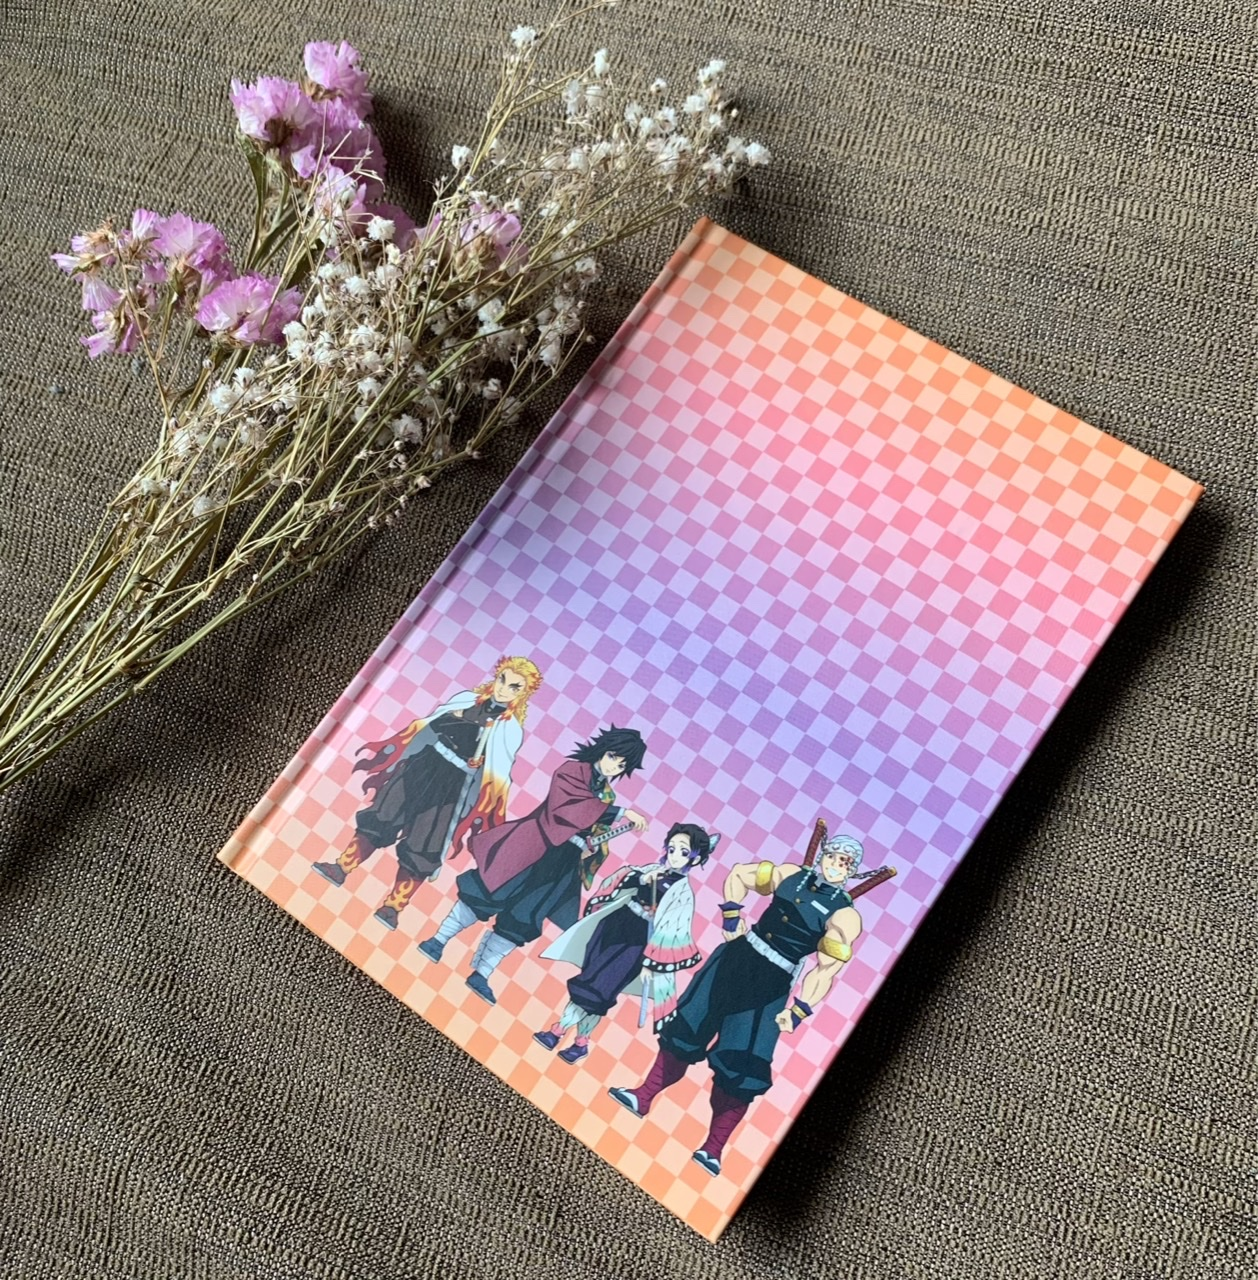 【8月号MORE】ピンクのかわいい表紙が目を引く!付録は鬼滅の刃の便利ノート!_2